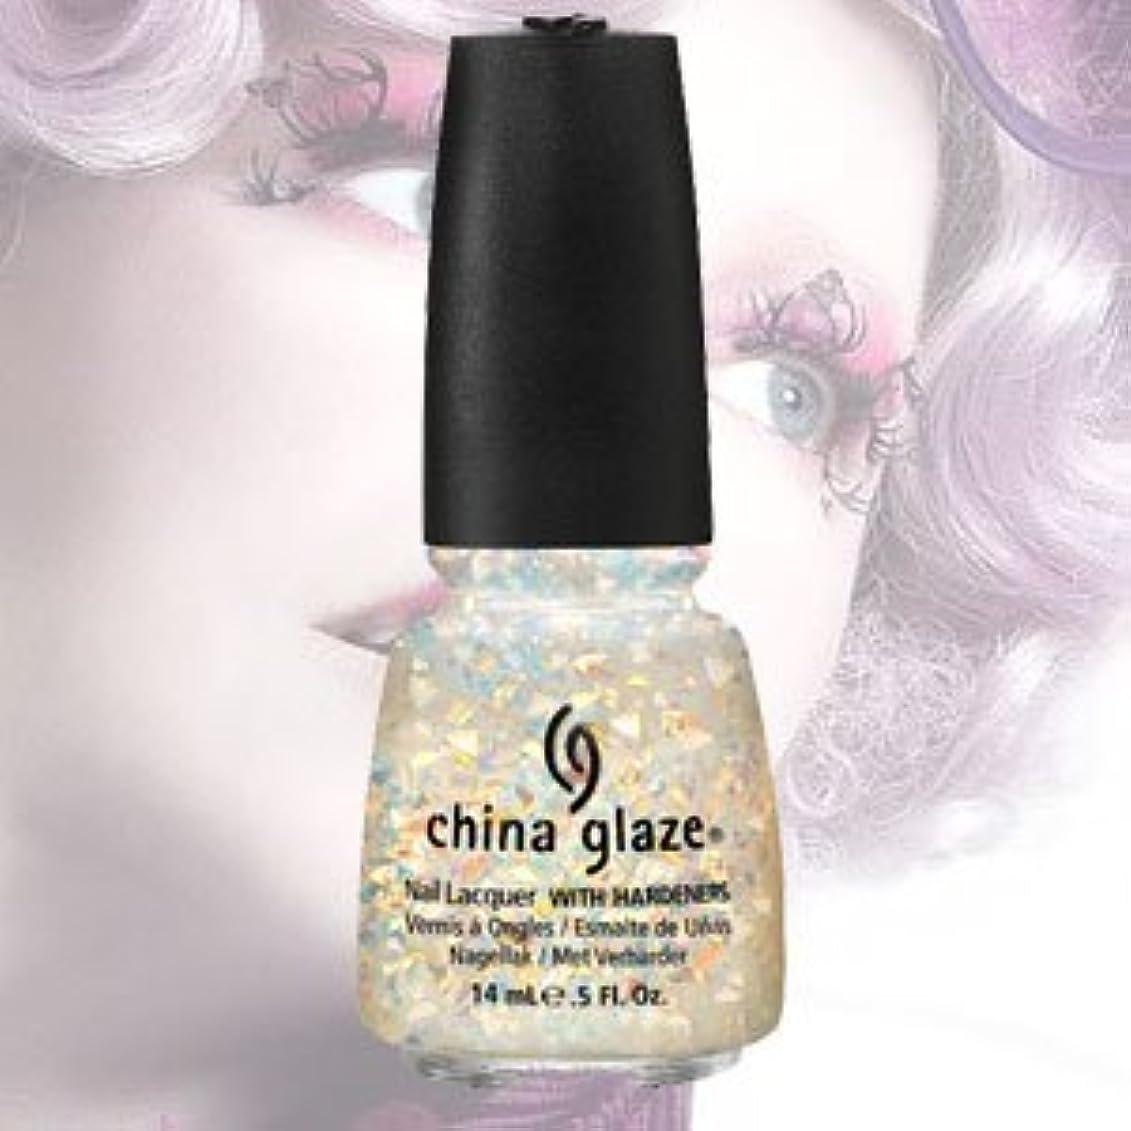 ダイエット傀儡居住者(チャイナグレイズ)China Glaze Luxe and LushーCAPITOL COLOURS コレクション [海外直送品][並行輸入品]